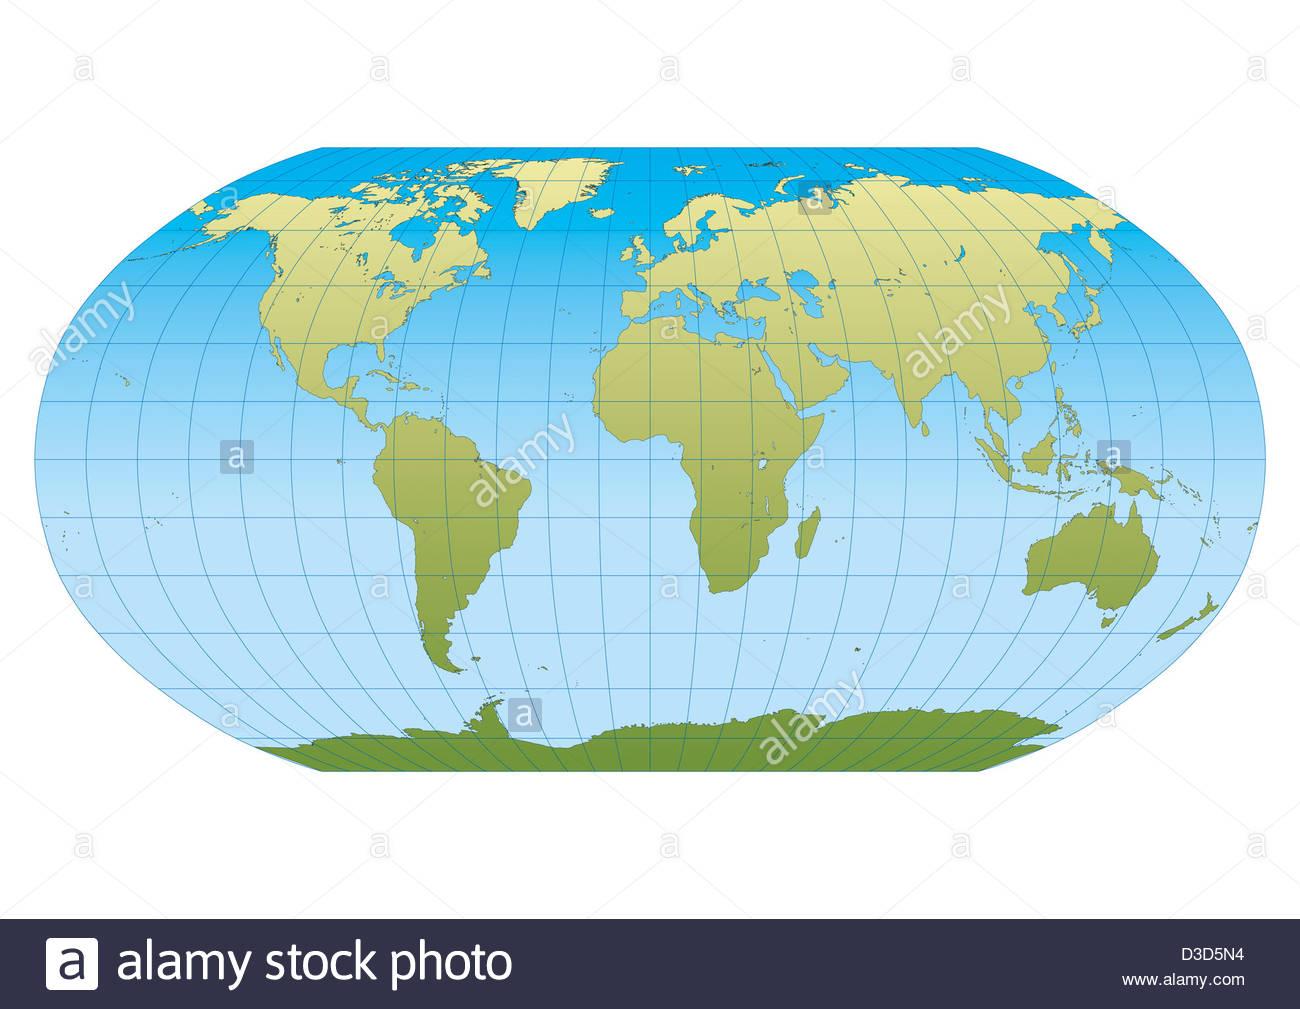 weltkarte mit gradnetz Weltkarte in Robinson Projektion mit Gradnetz. Zentriert in Europa  weltkarte mit gradnetz